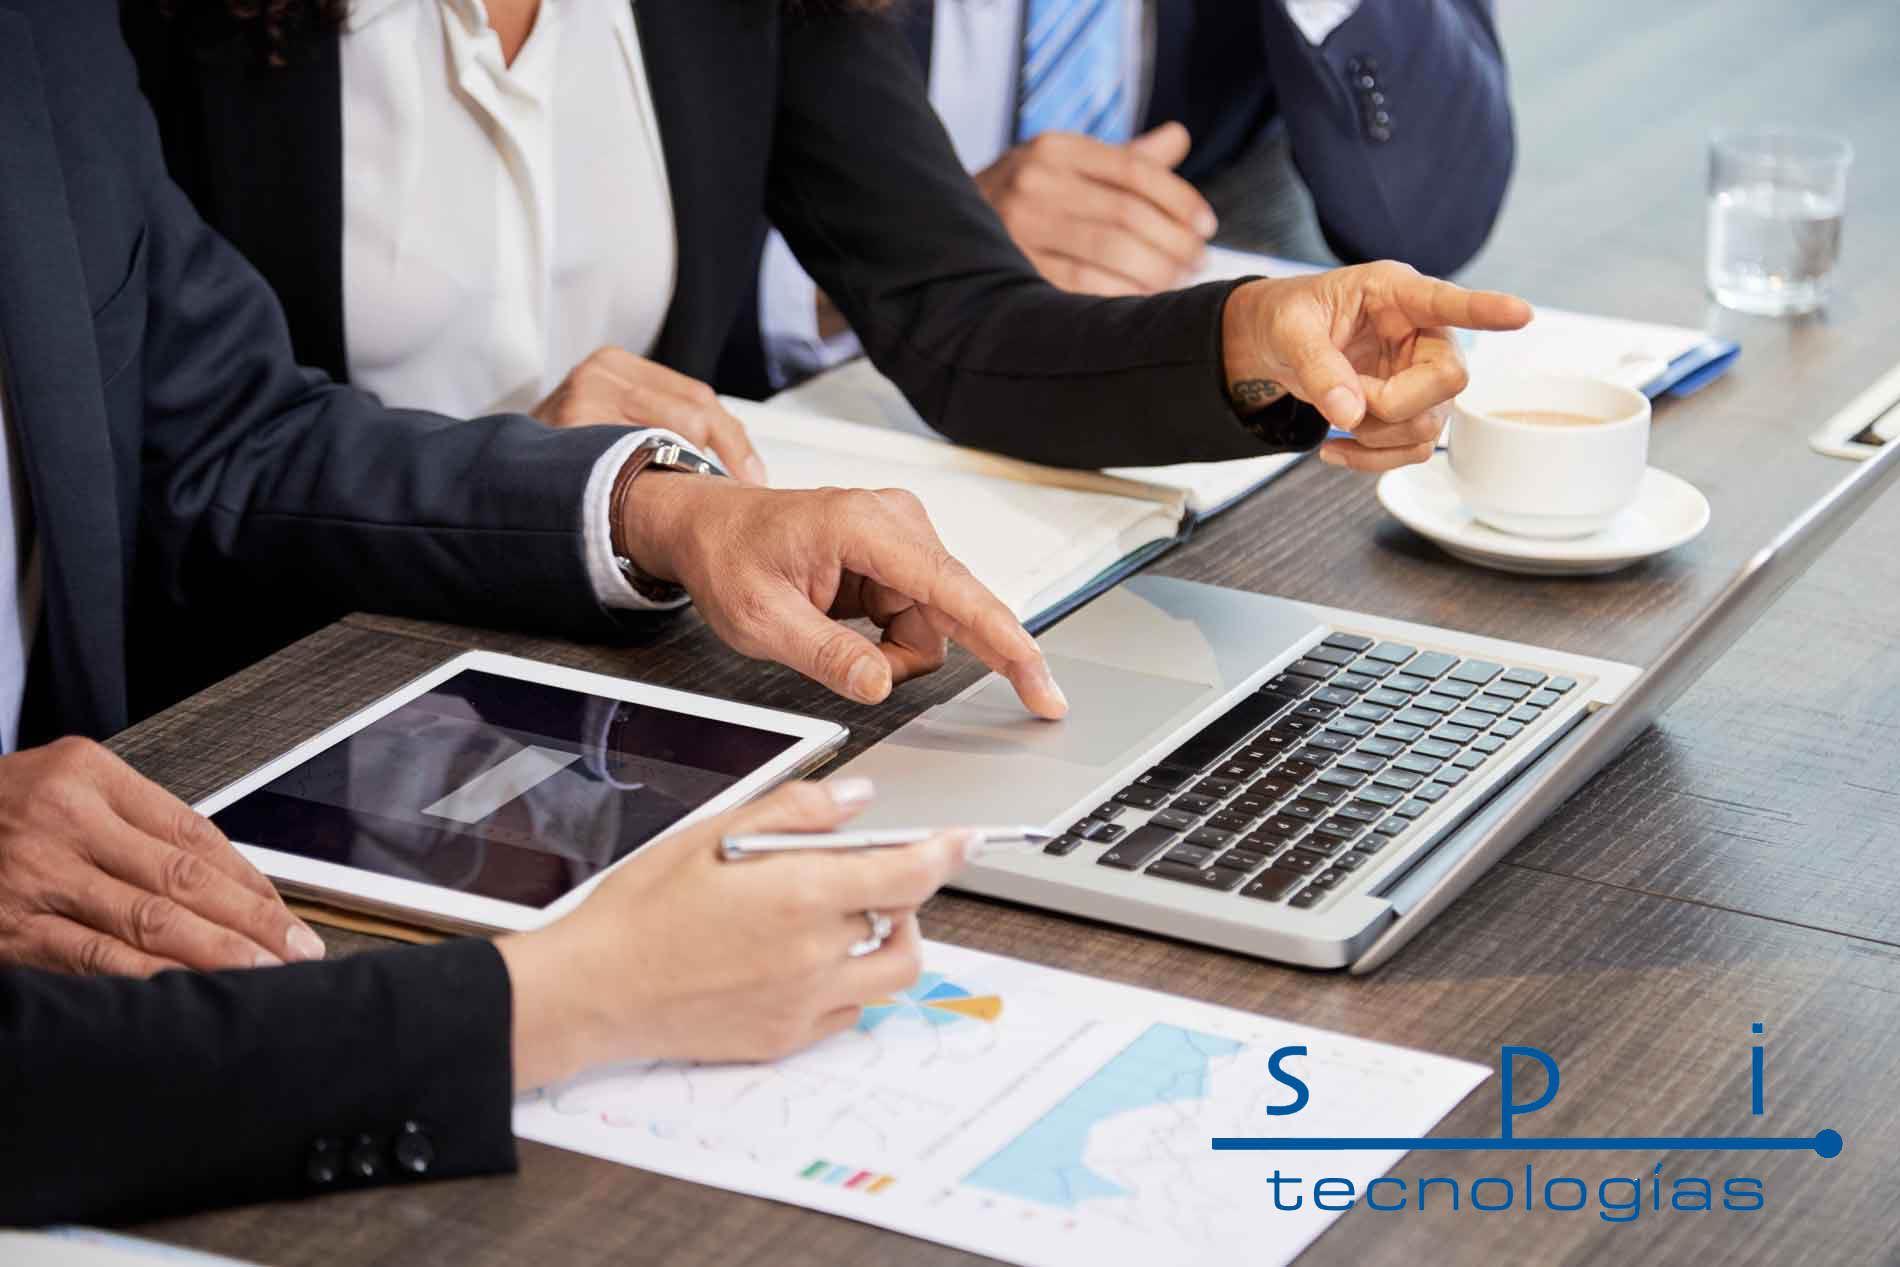 El Gobierno de Aragón vuelve a entregar el sello RSA a SPI Tecnologías